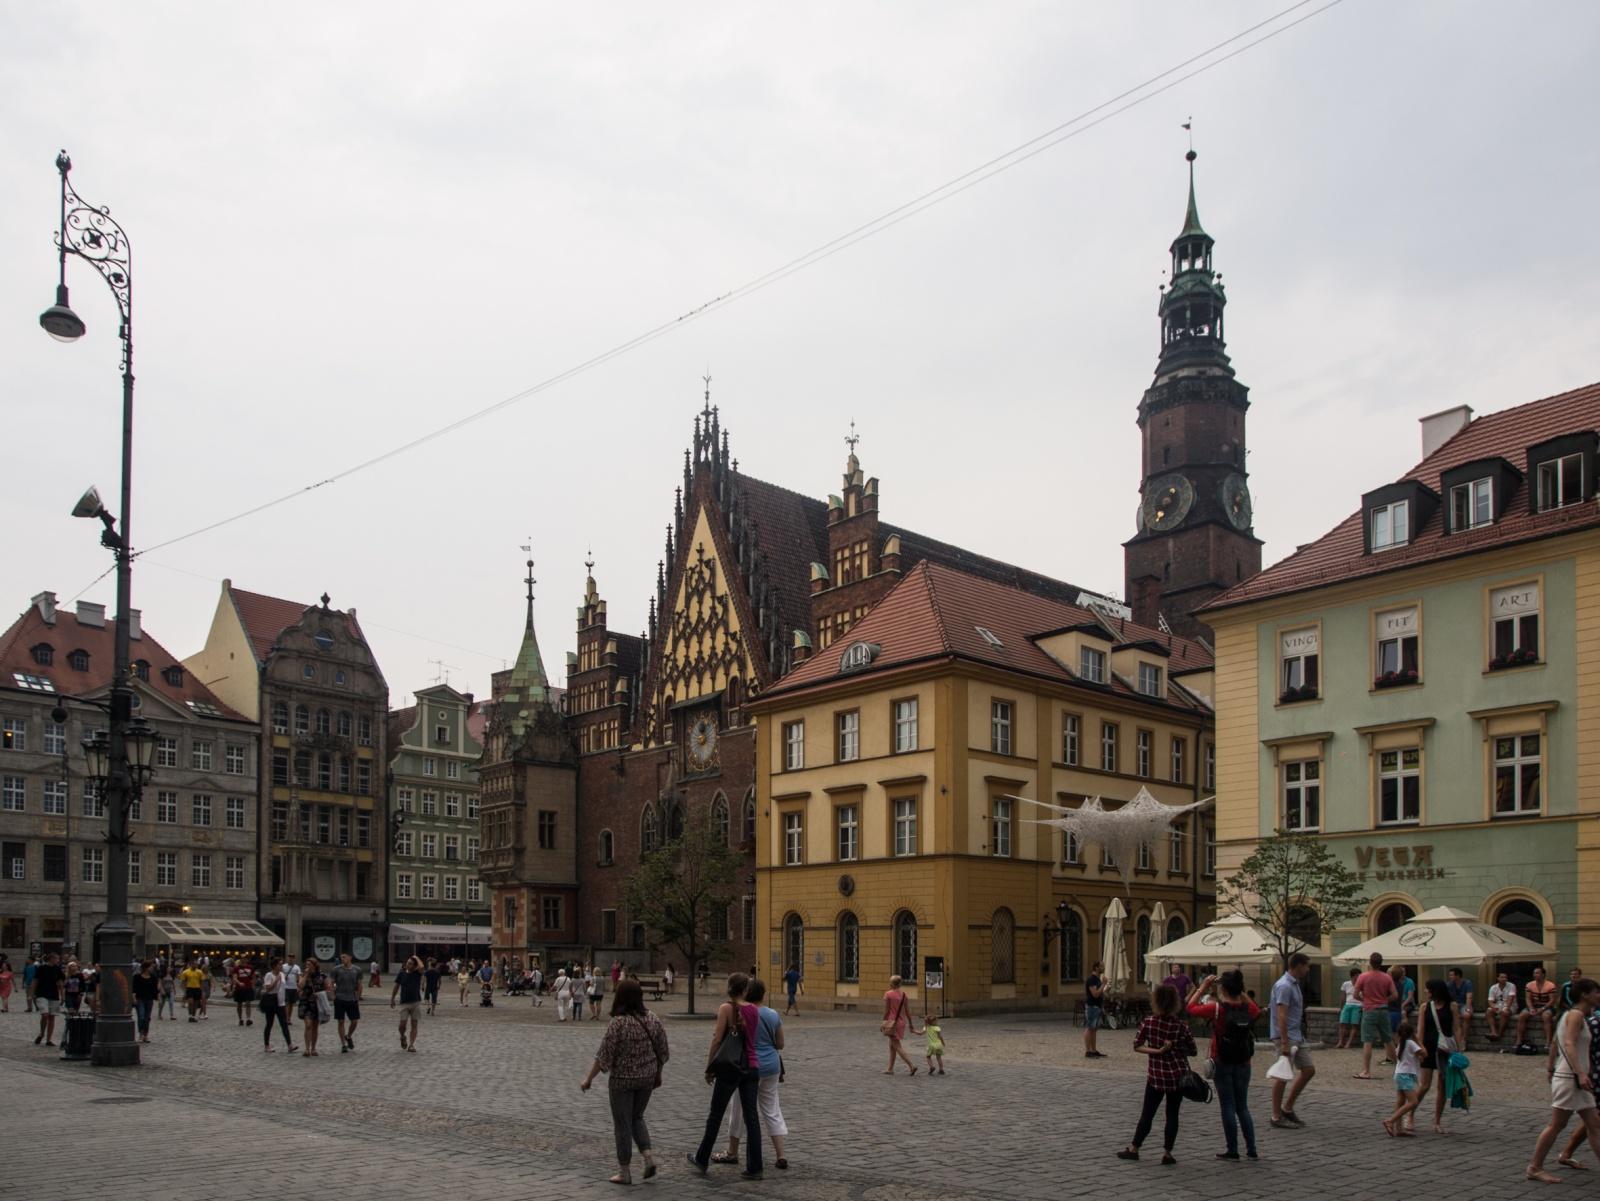 WROCLAW, POLAND - AUGUST 2015